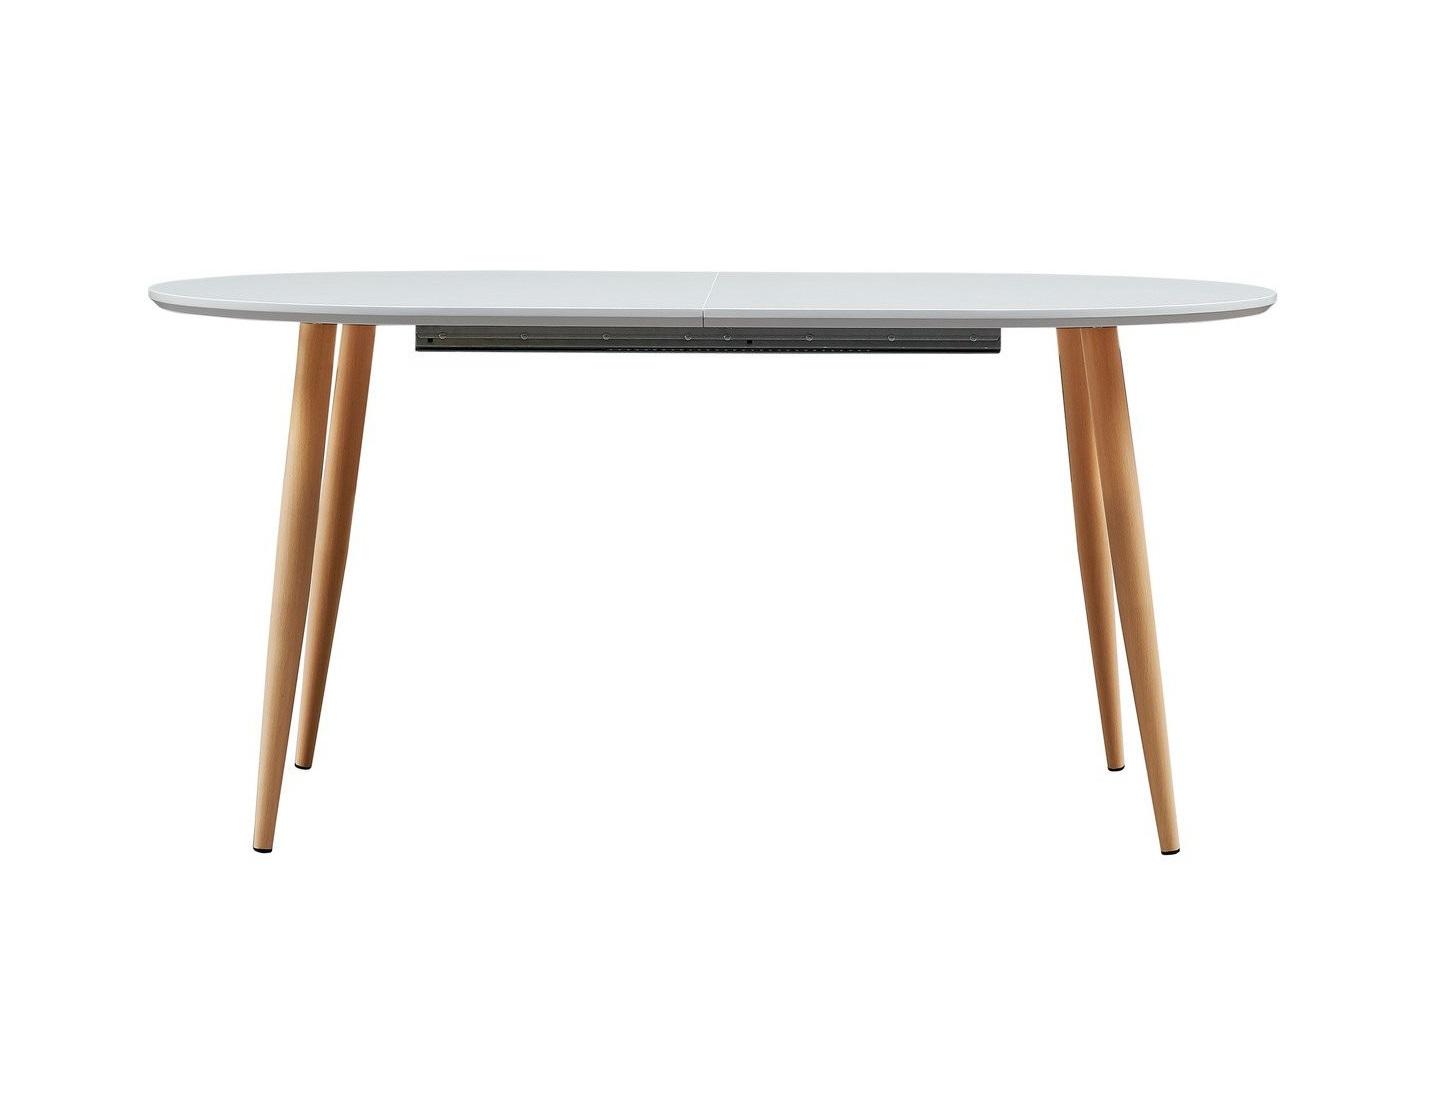 СтолОбеденные столы<br>Ширина в разобранном состоянии : 220 см<br><br>Material: Дерево<br>Width см: 160<br>Depth см: 90<br>Height см: 76